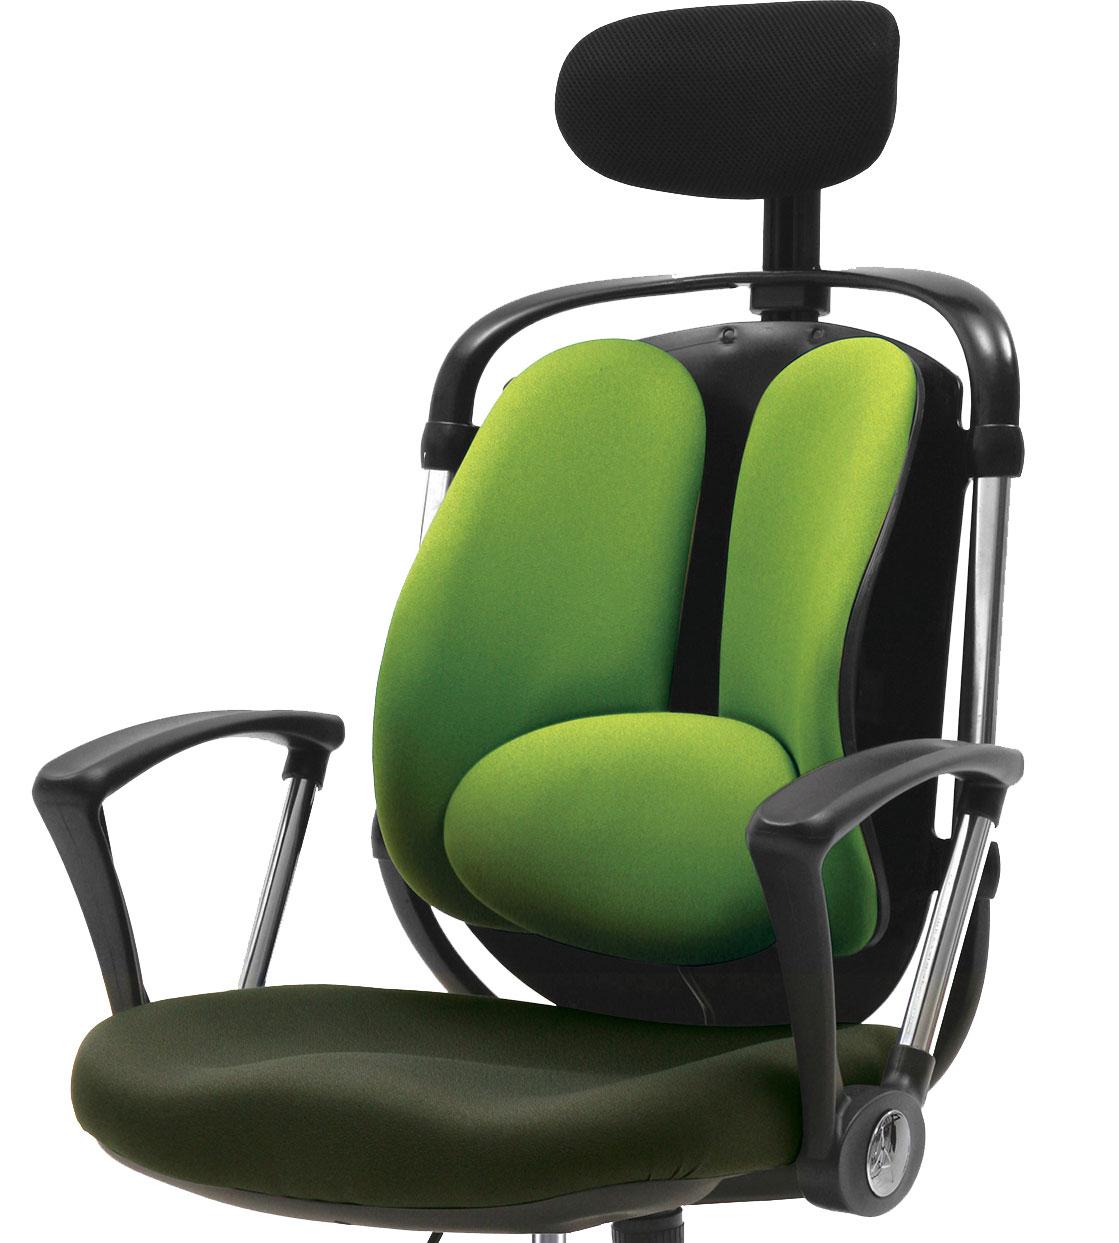 стул ортопедический купить зеленый 3 д спинка